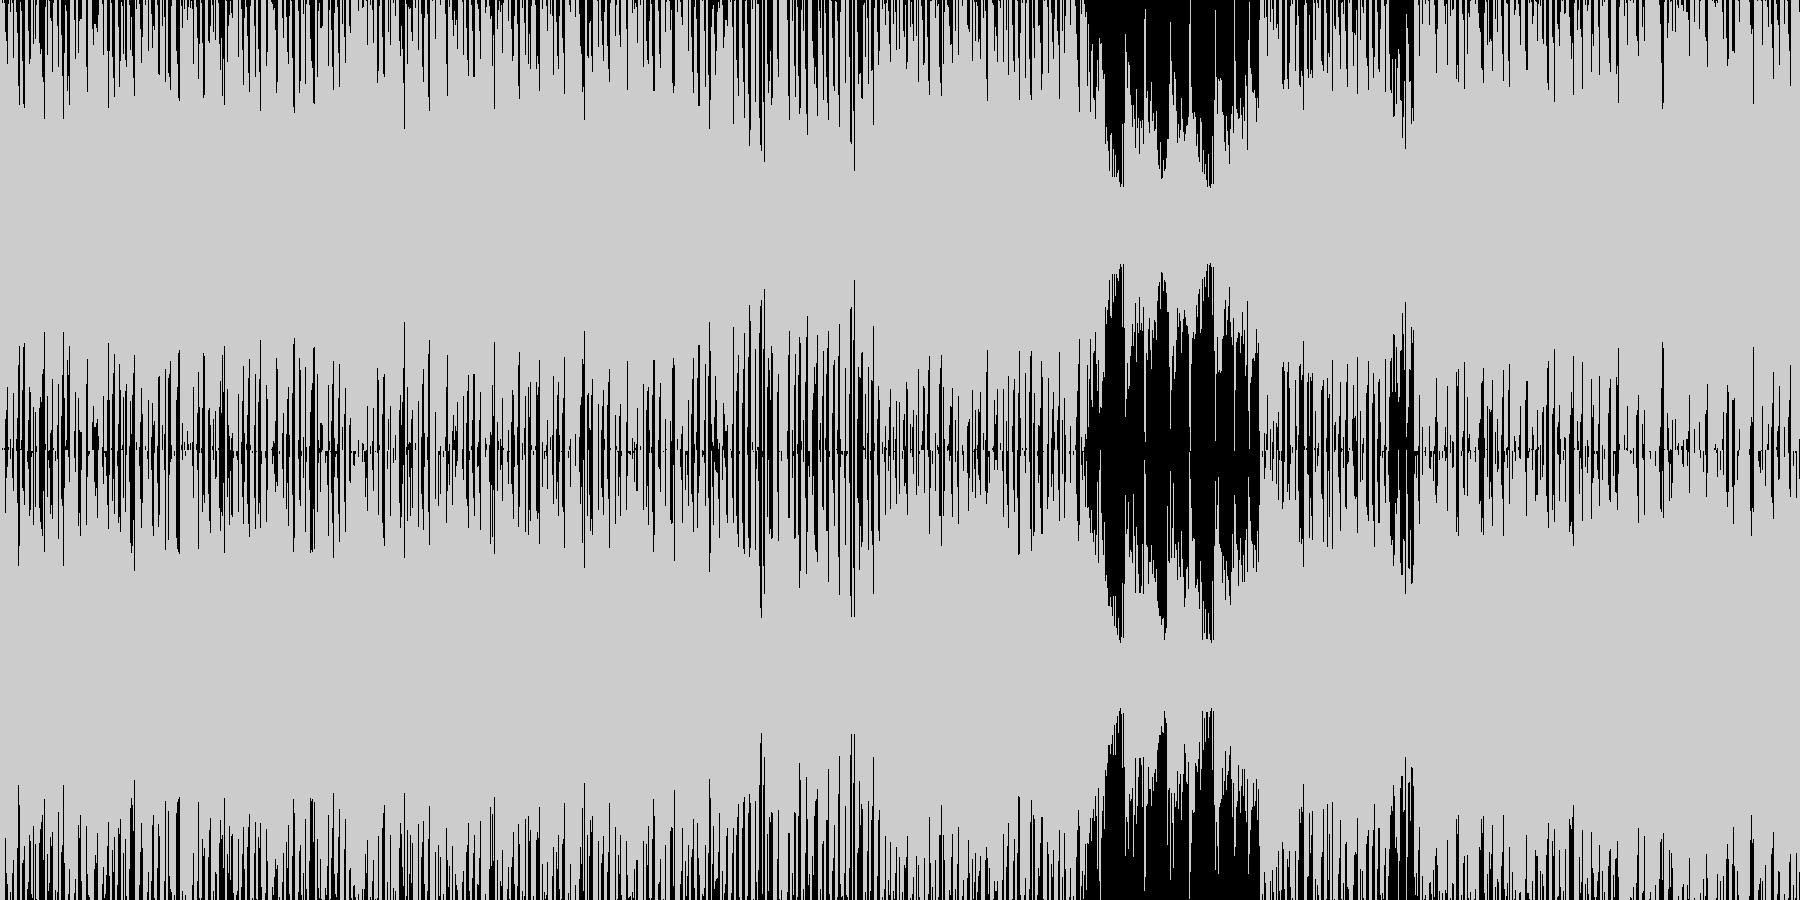 近未来をイメージさせるSFファンタジーの未再生の波形